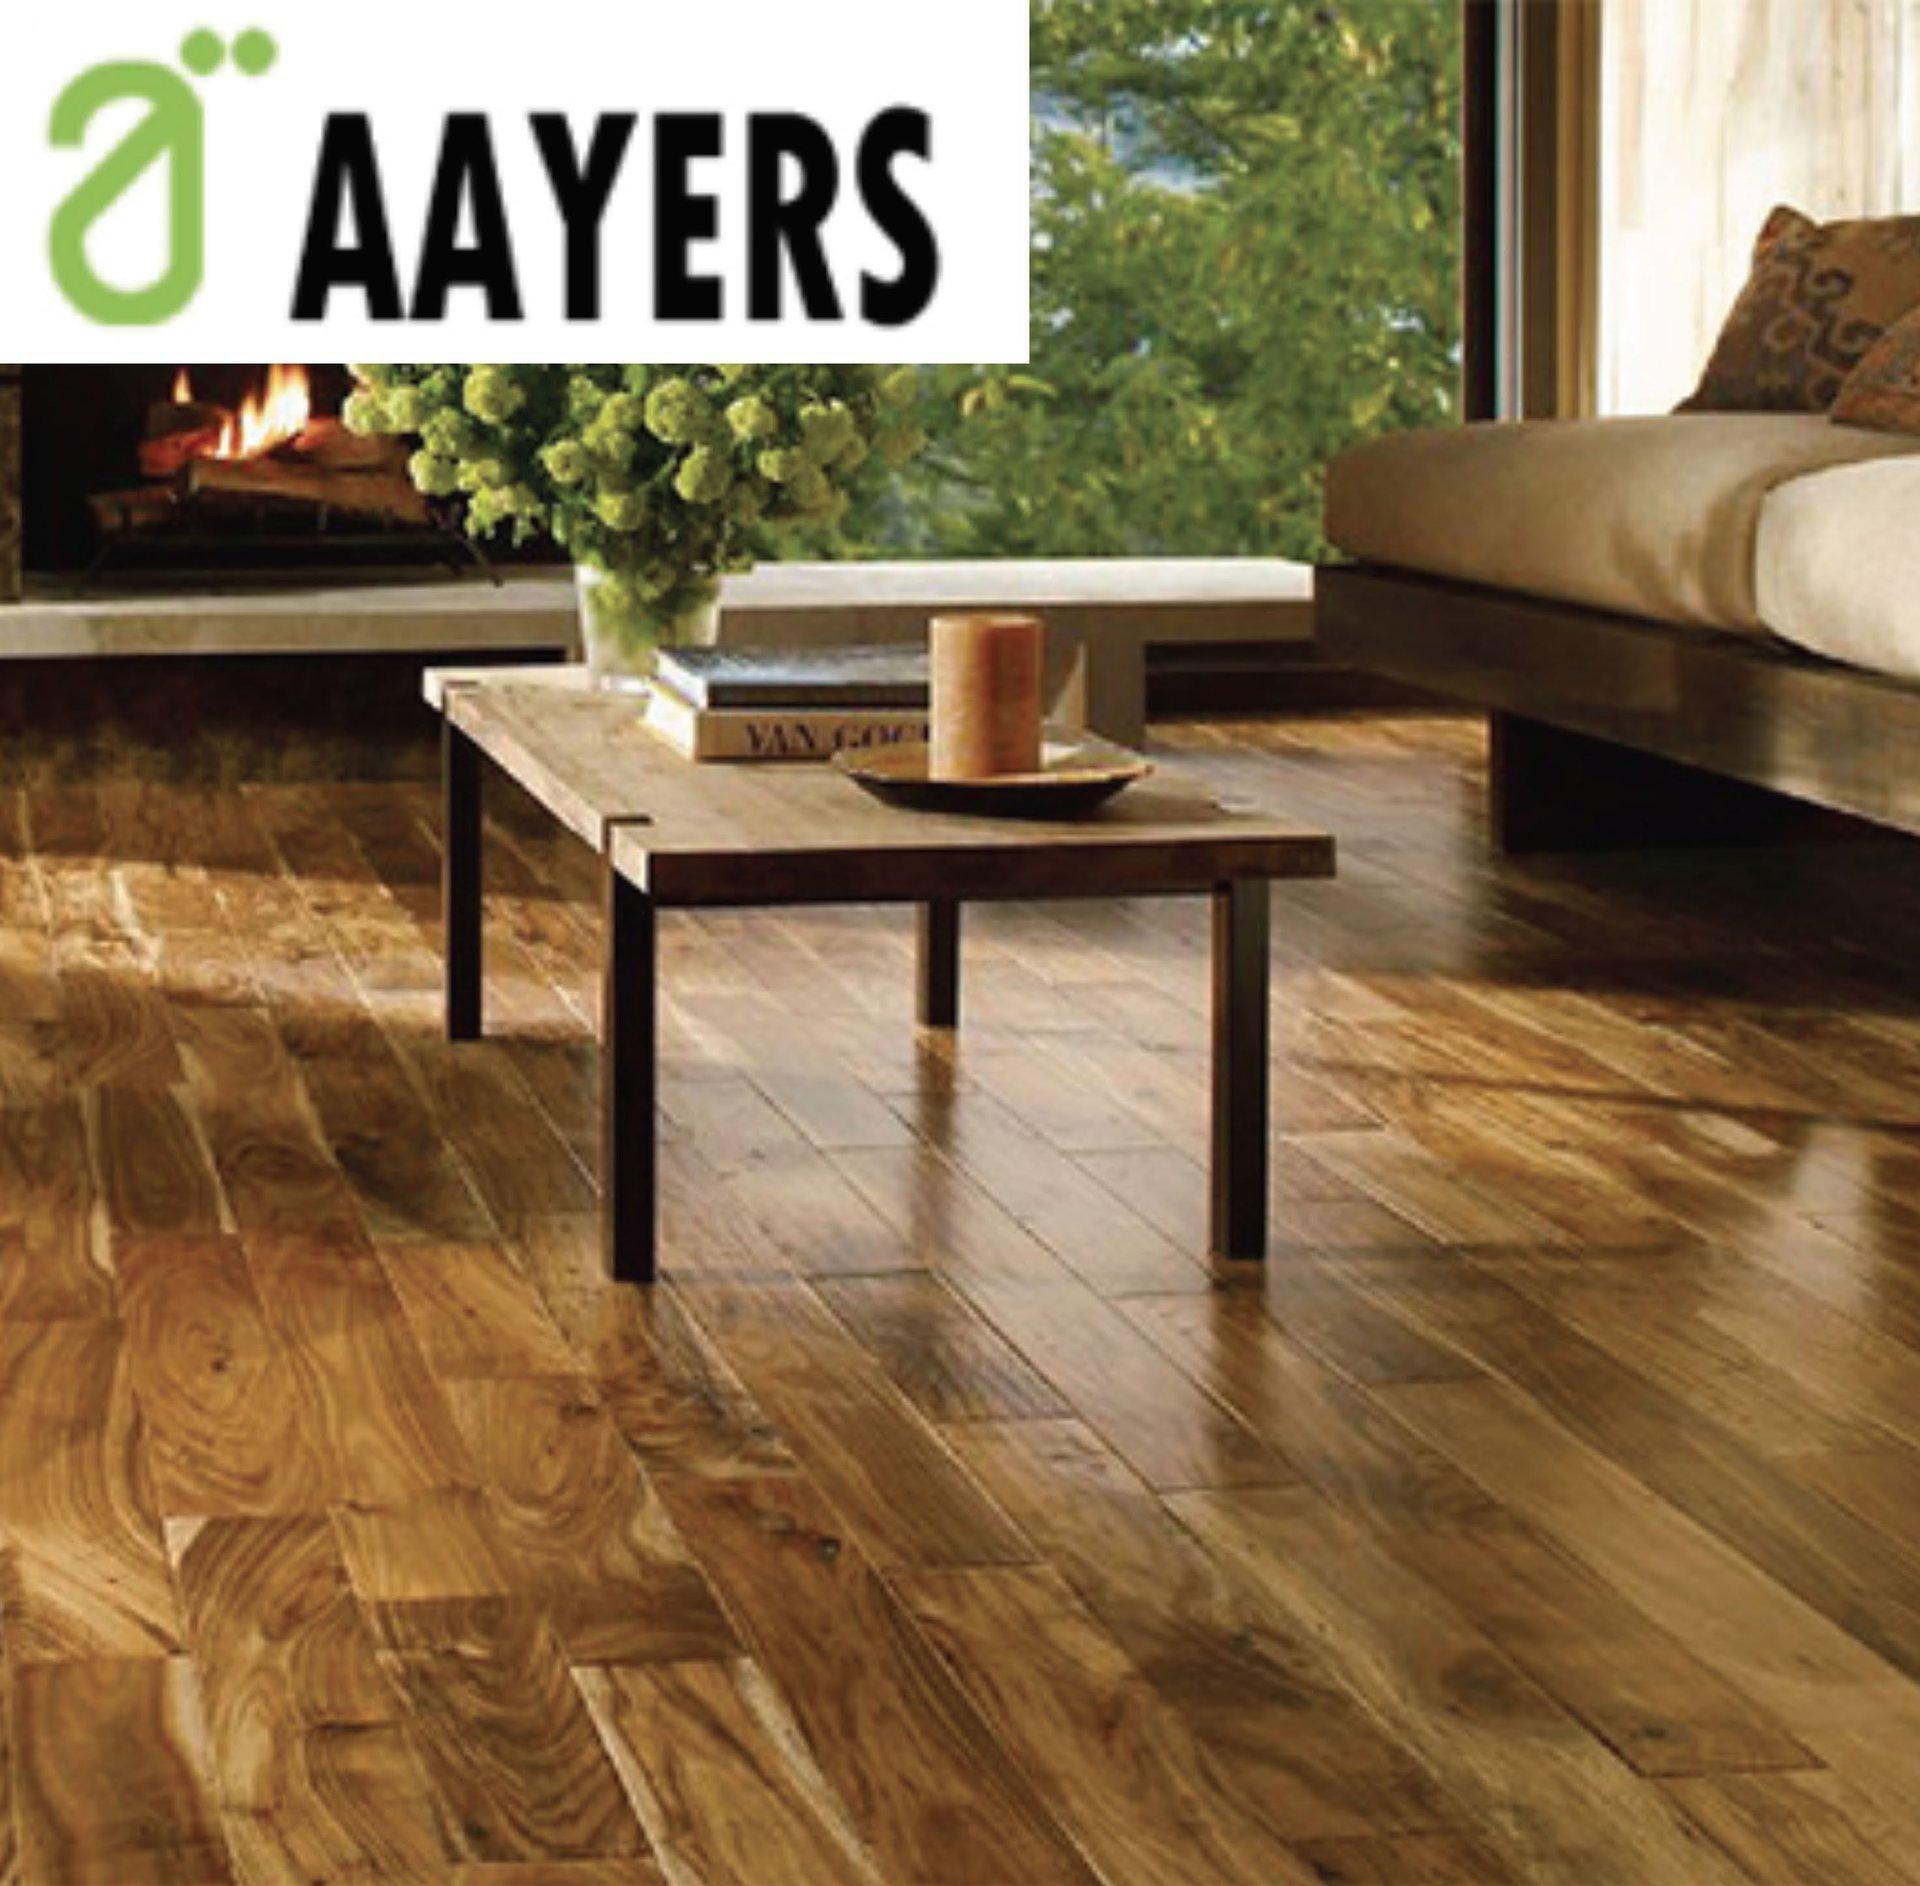 Aayers hardwood